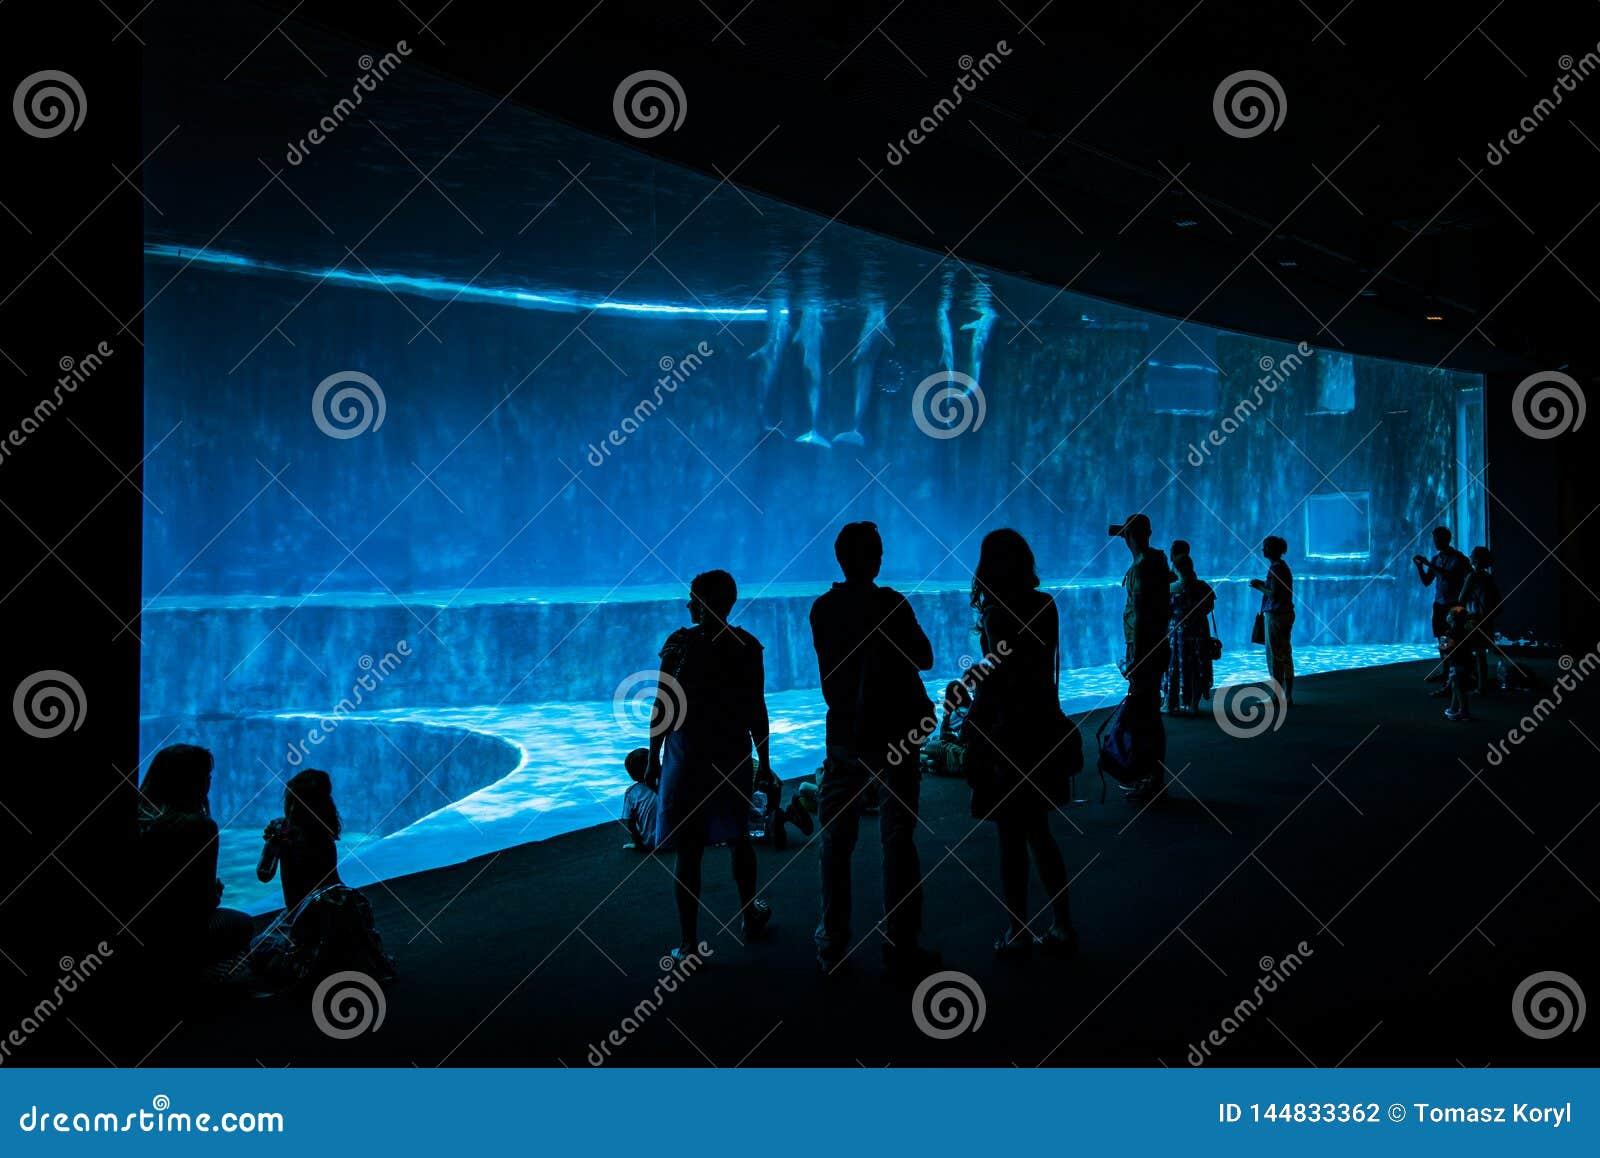 Ludzie ogląda delfiny w wielkim akwarium w genui, Europa 600 zwierzęcych gatunków i 200 vegetal gatunków